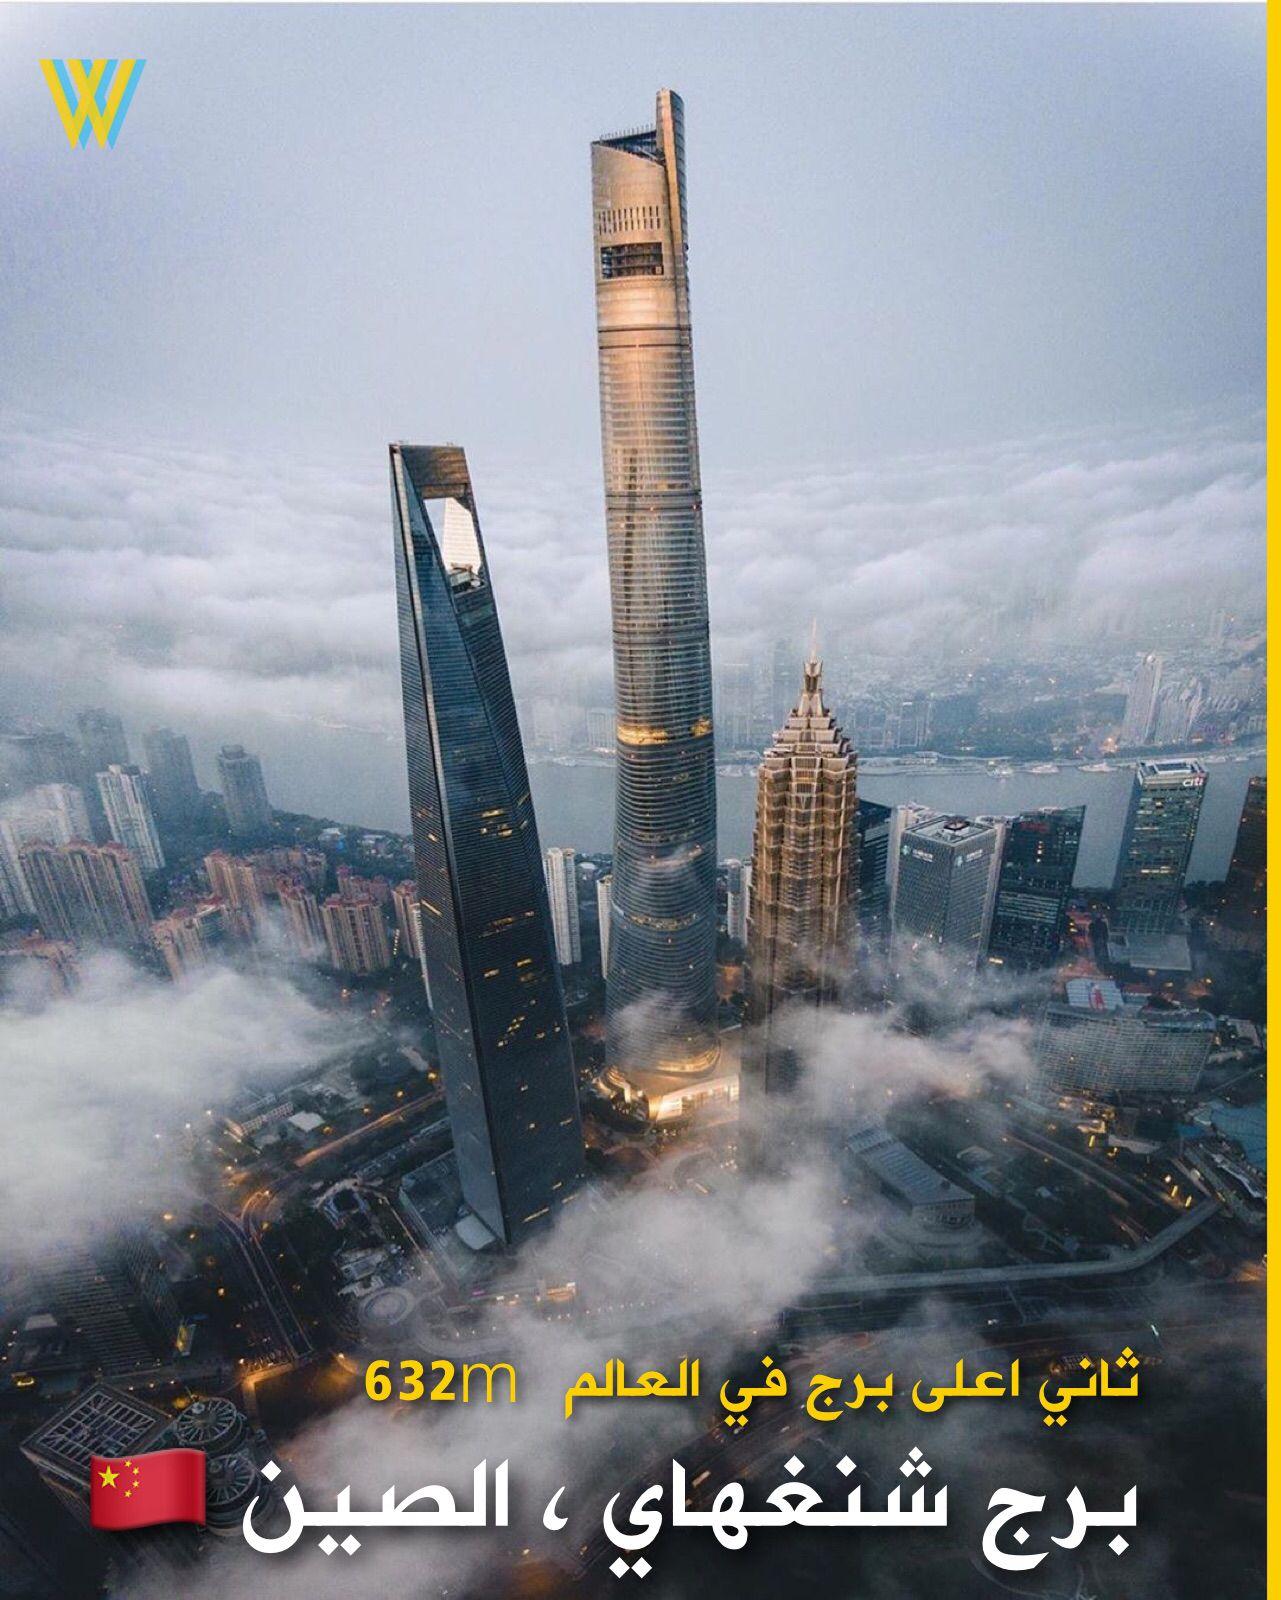 ثاني اطول برج بالعالم برج شنغهاي الصين Places To Visit World Skyscraper